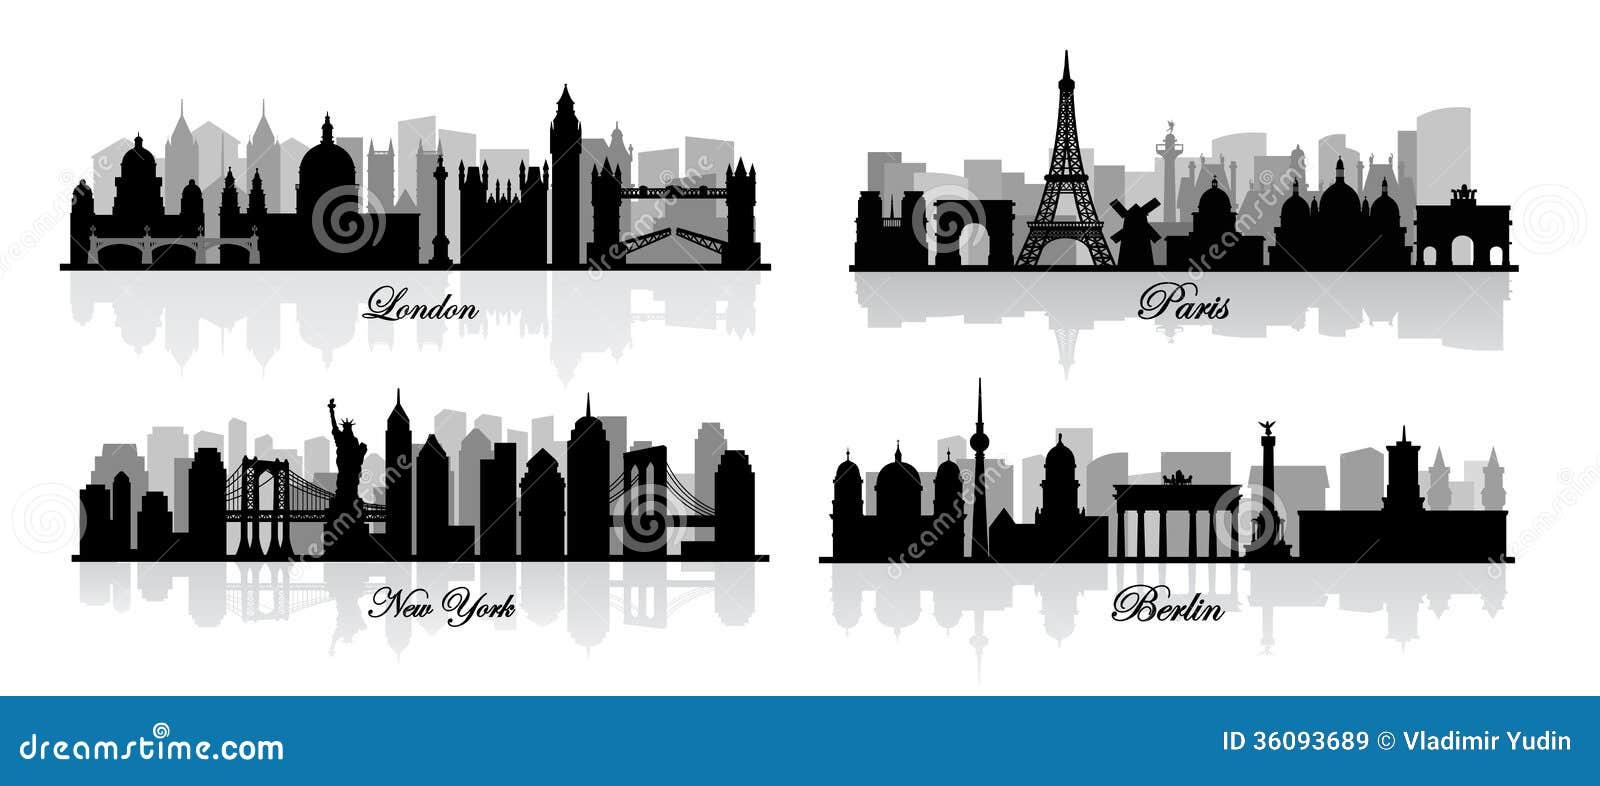 Vectorlonden, New York, Berlijn en Parijs